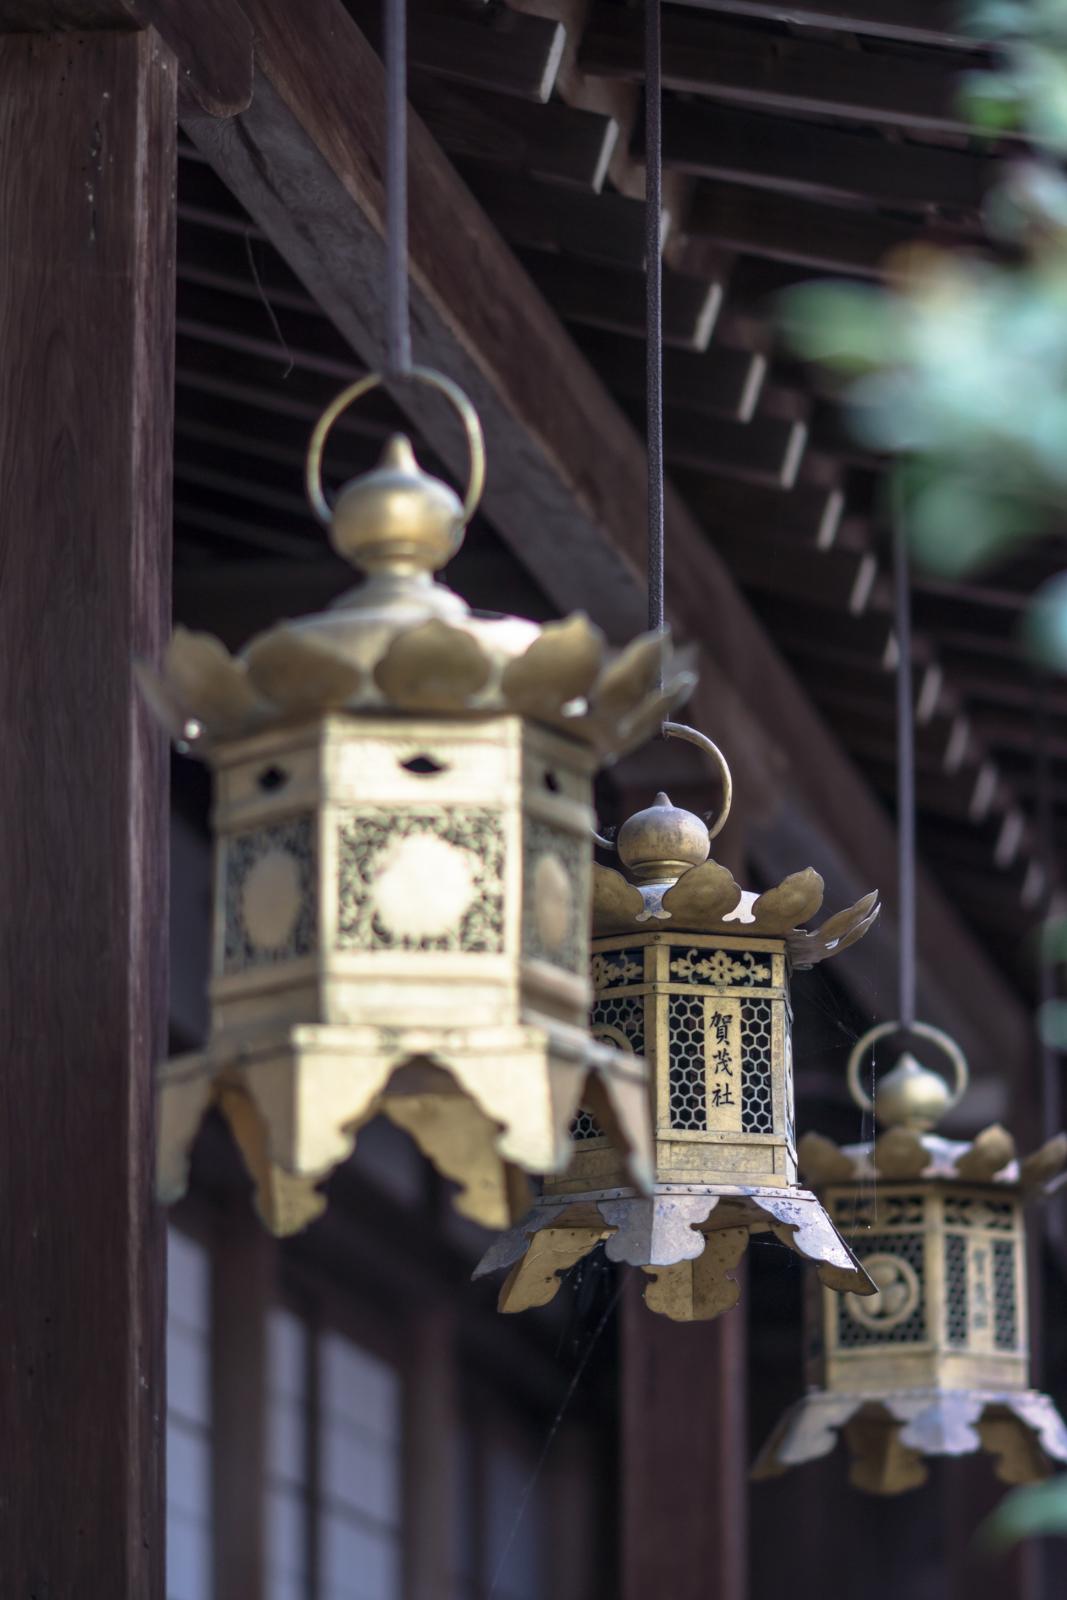 京都にて奥行きがある構図で撮影した吊り灯篭の写真